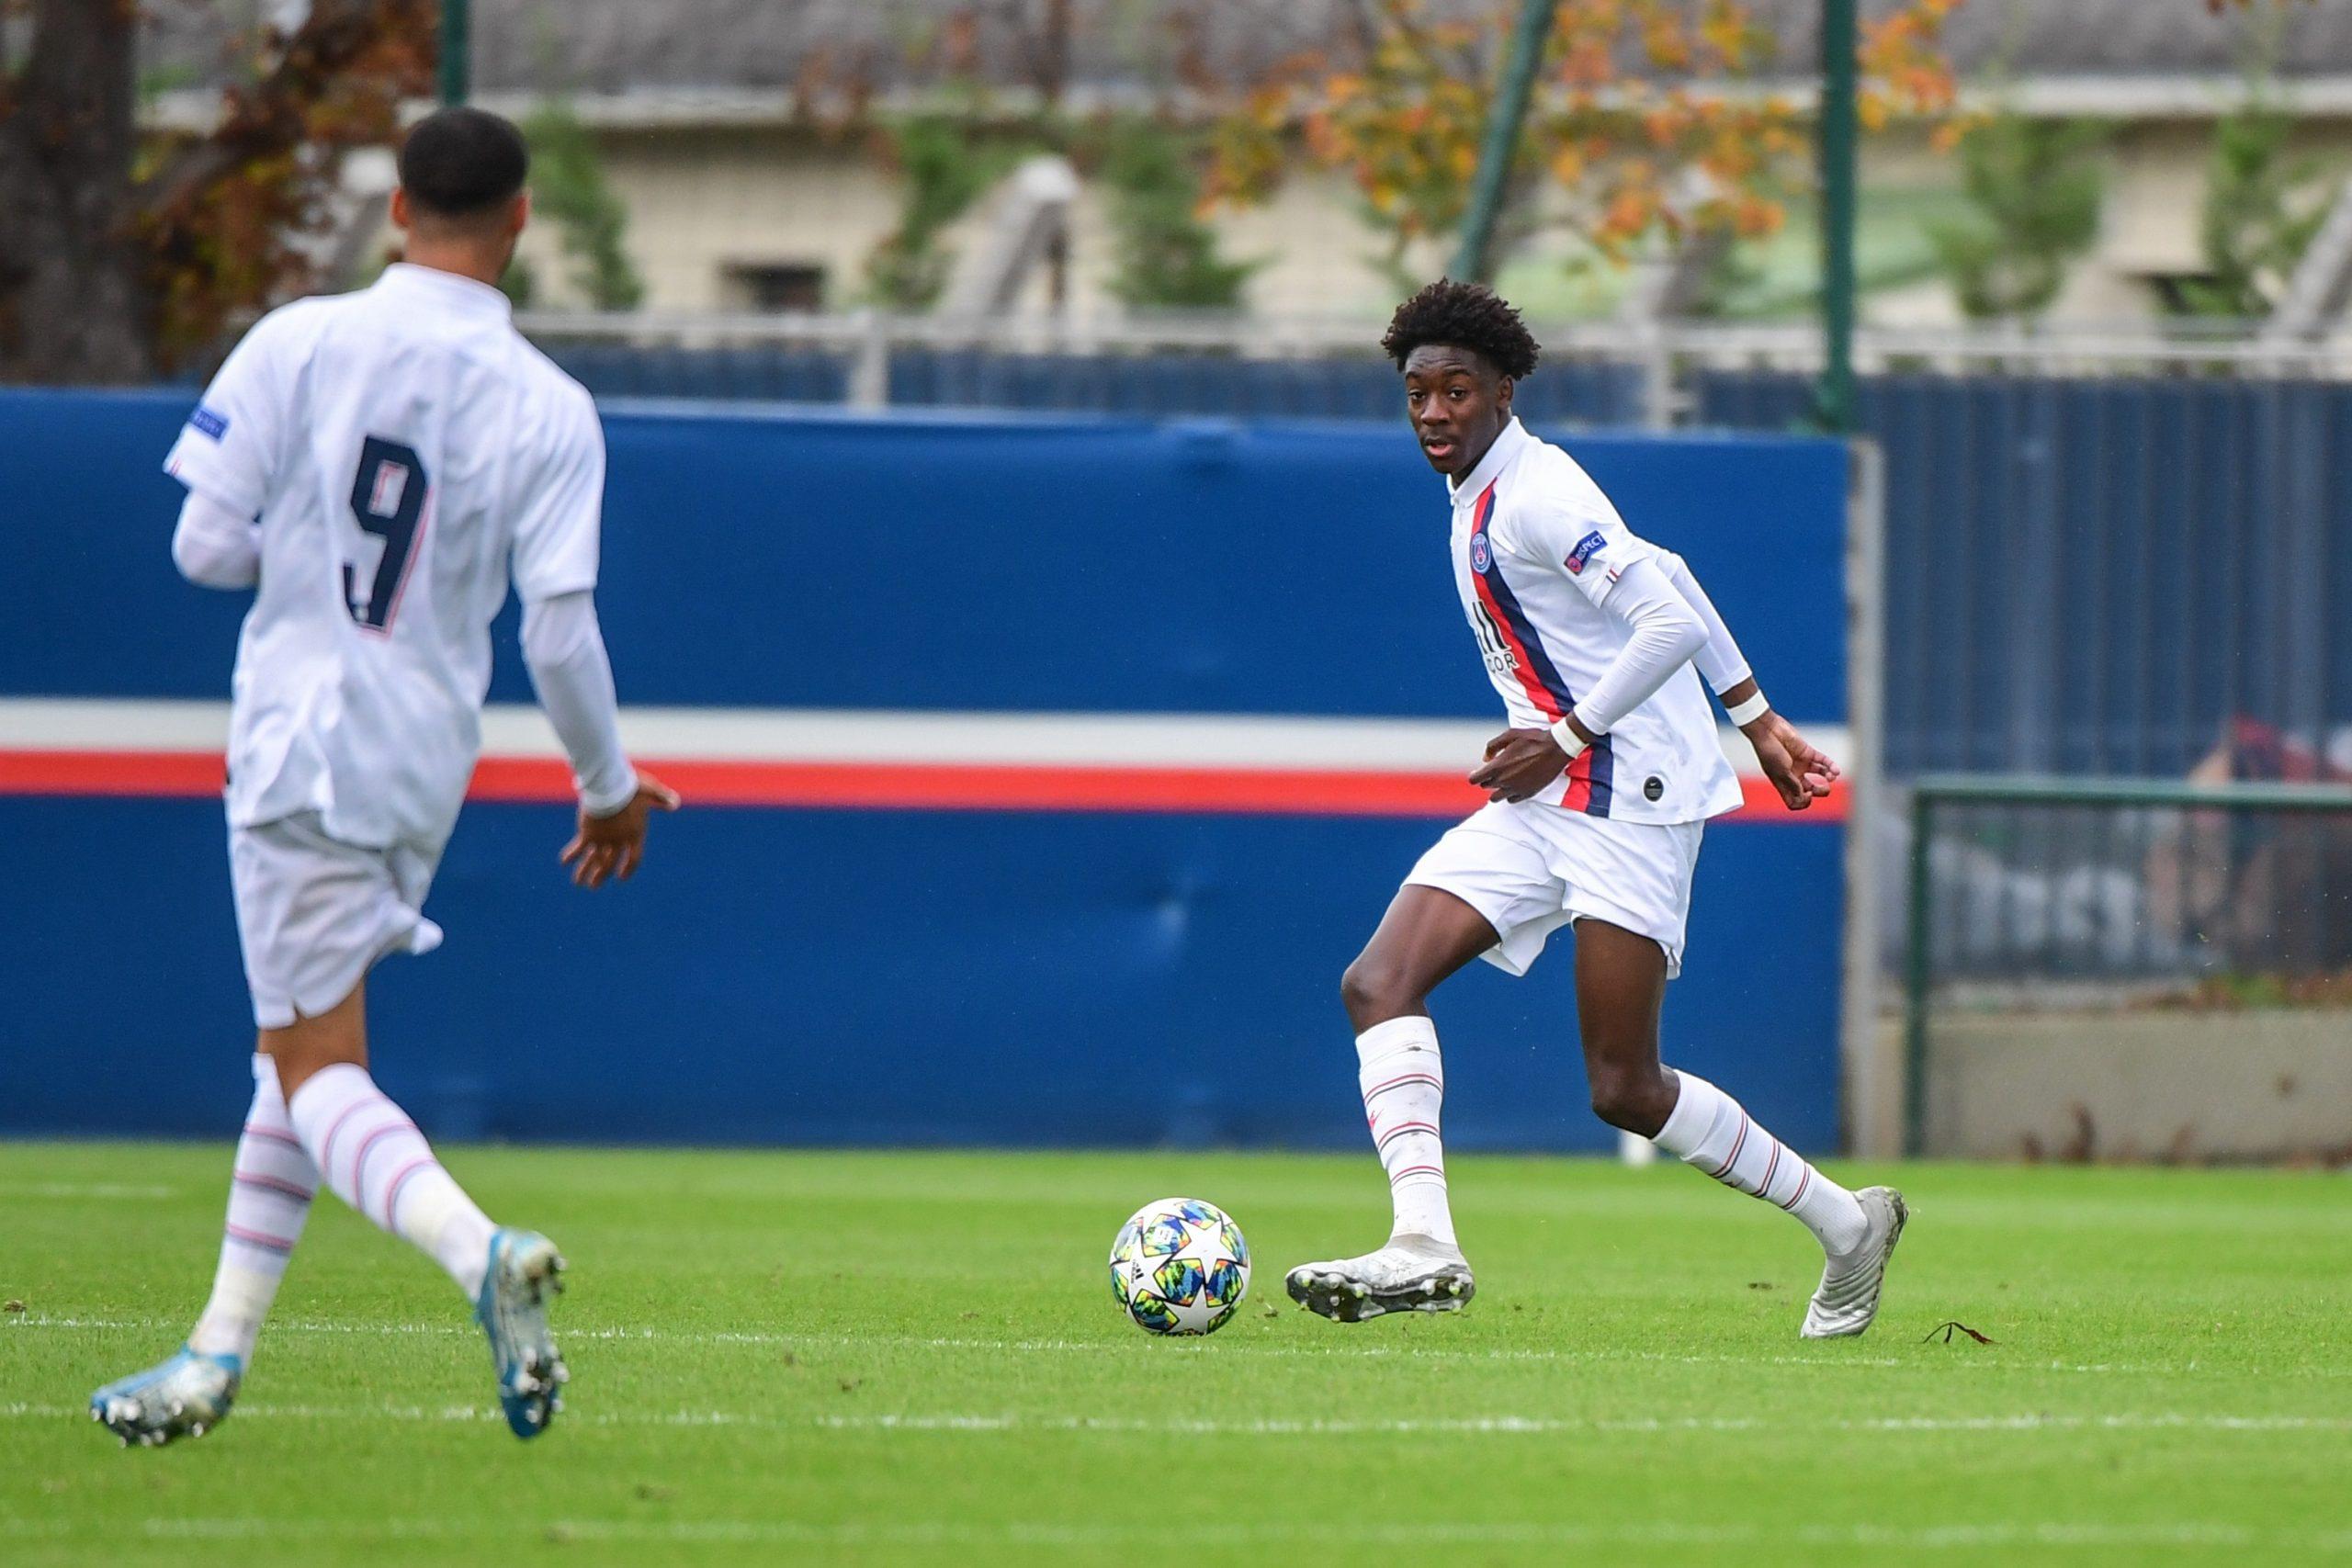 Mercato - Sochaux intéressé par Maxen Kapo, capitaine des U19 du PSG